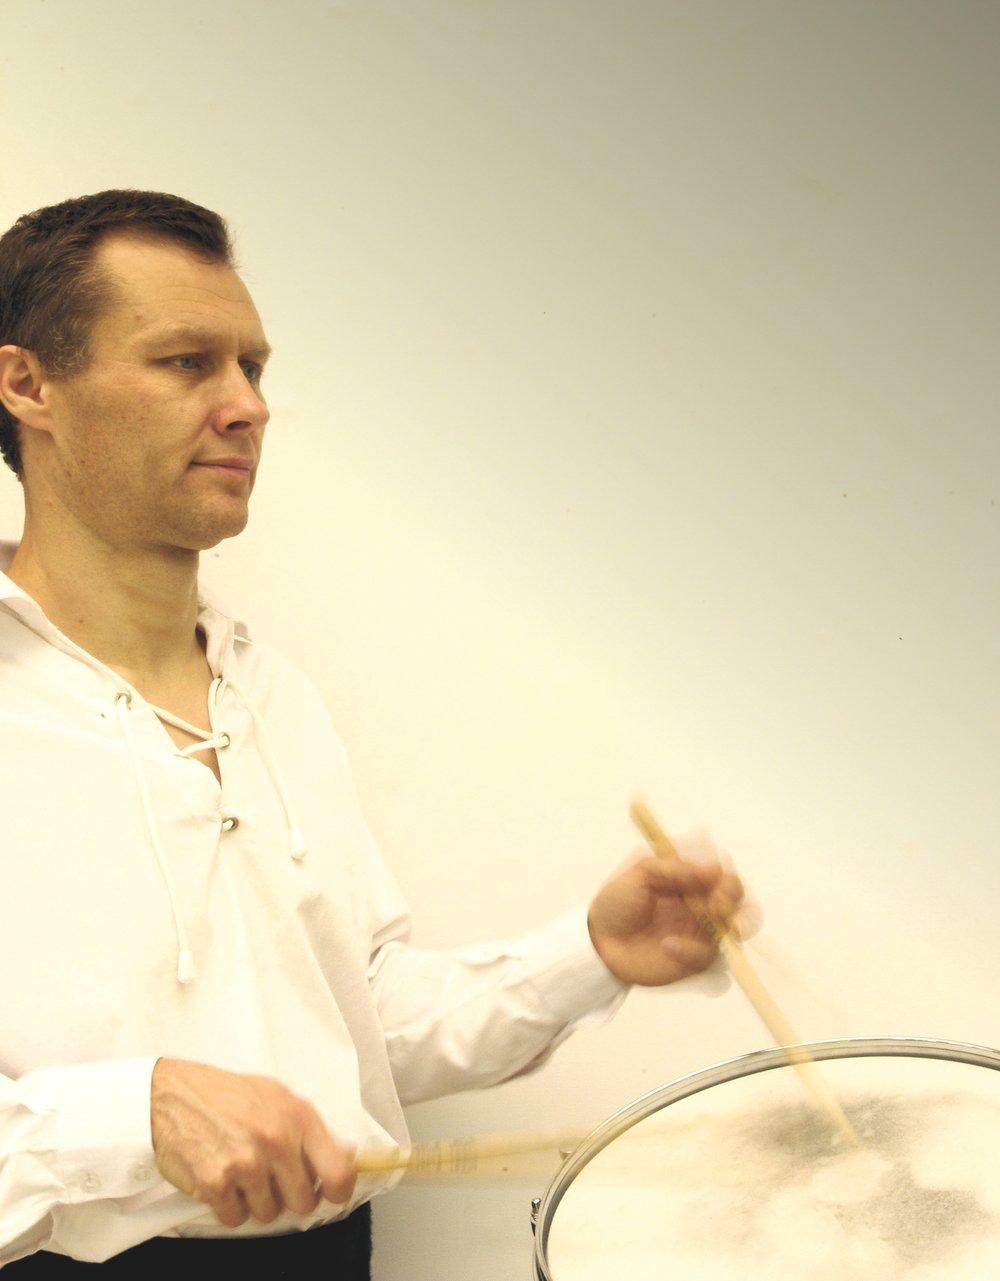 playing drum.jpg